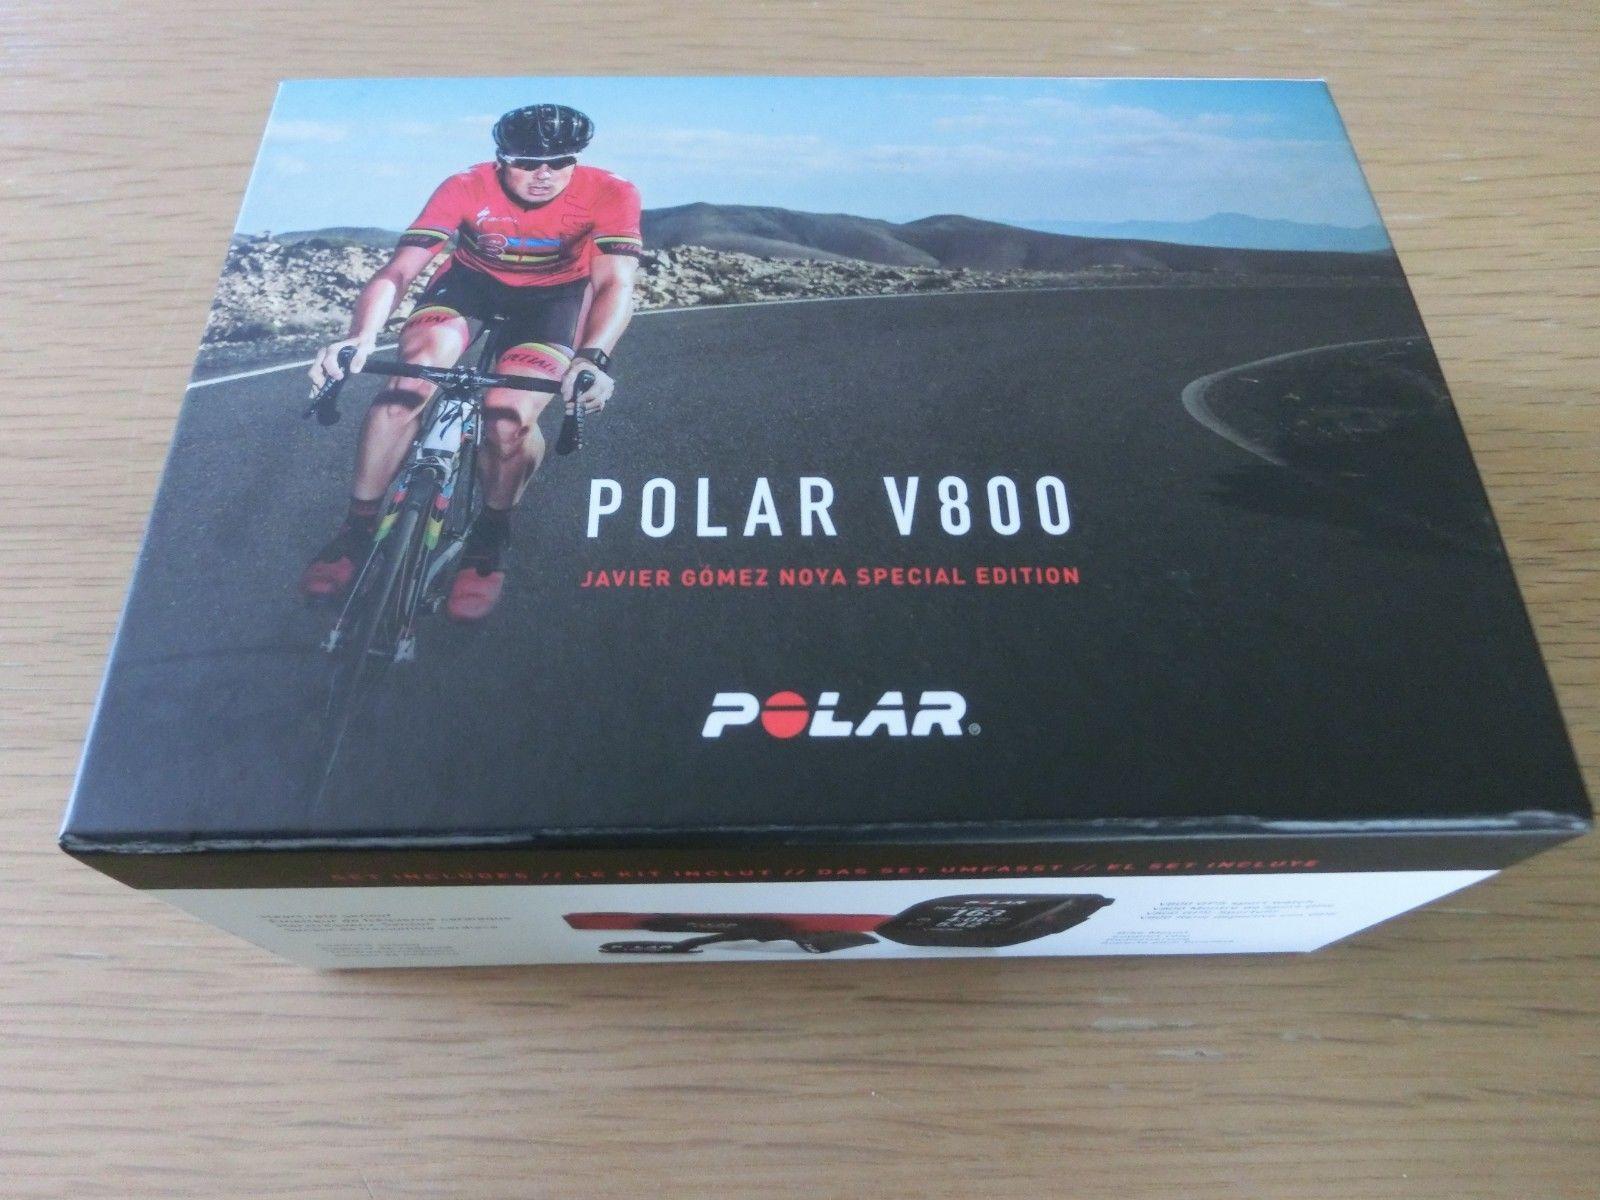 Polar V 800 - Fitness-Uhr - Multisport-Uhr - Tracker - GPS Sportuhr -  TOP !!!